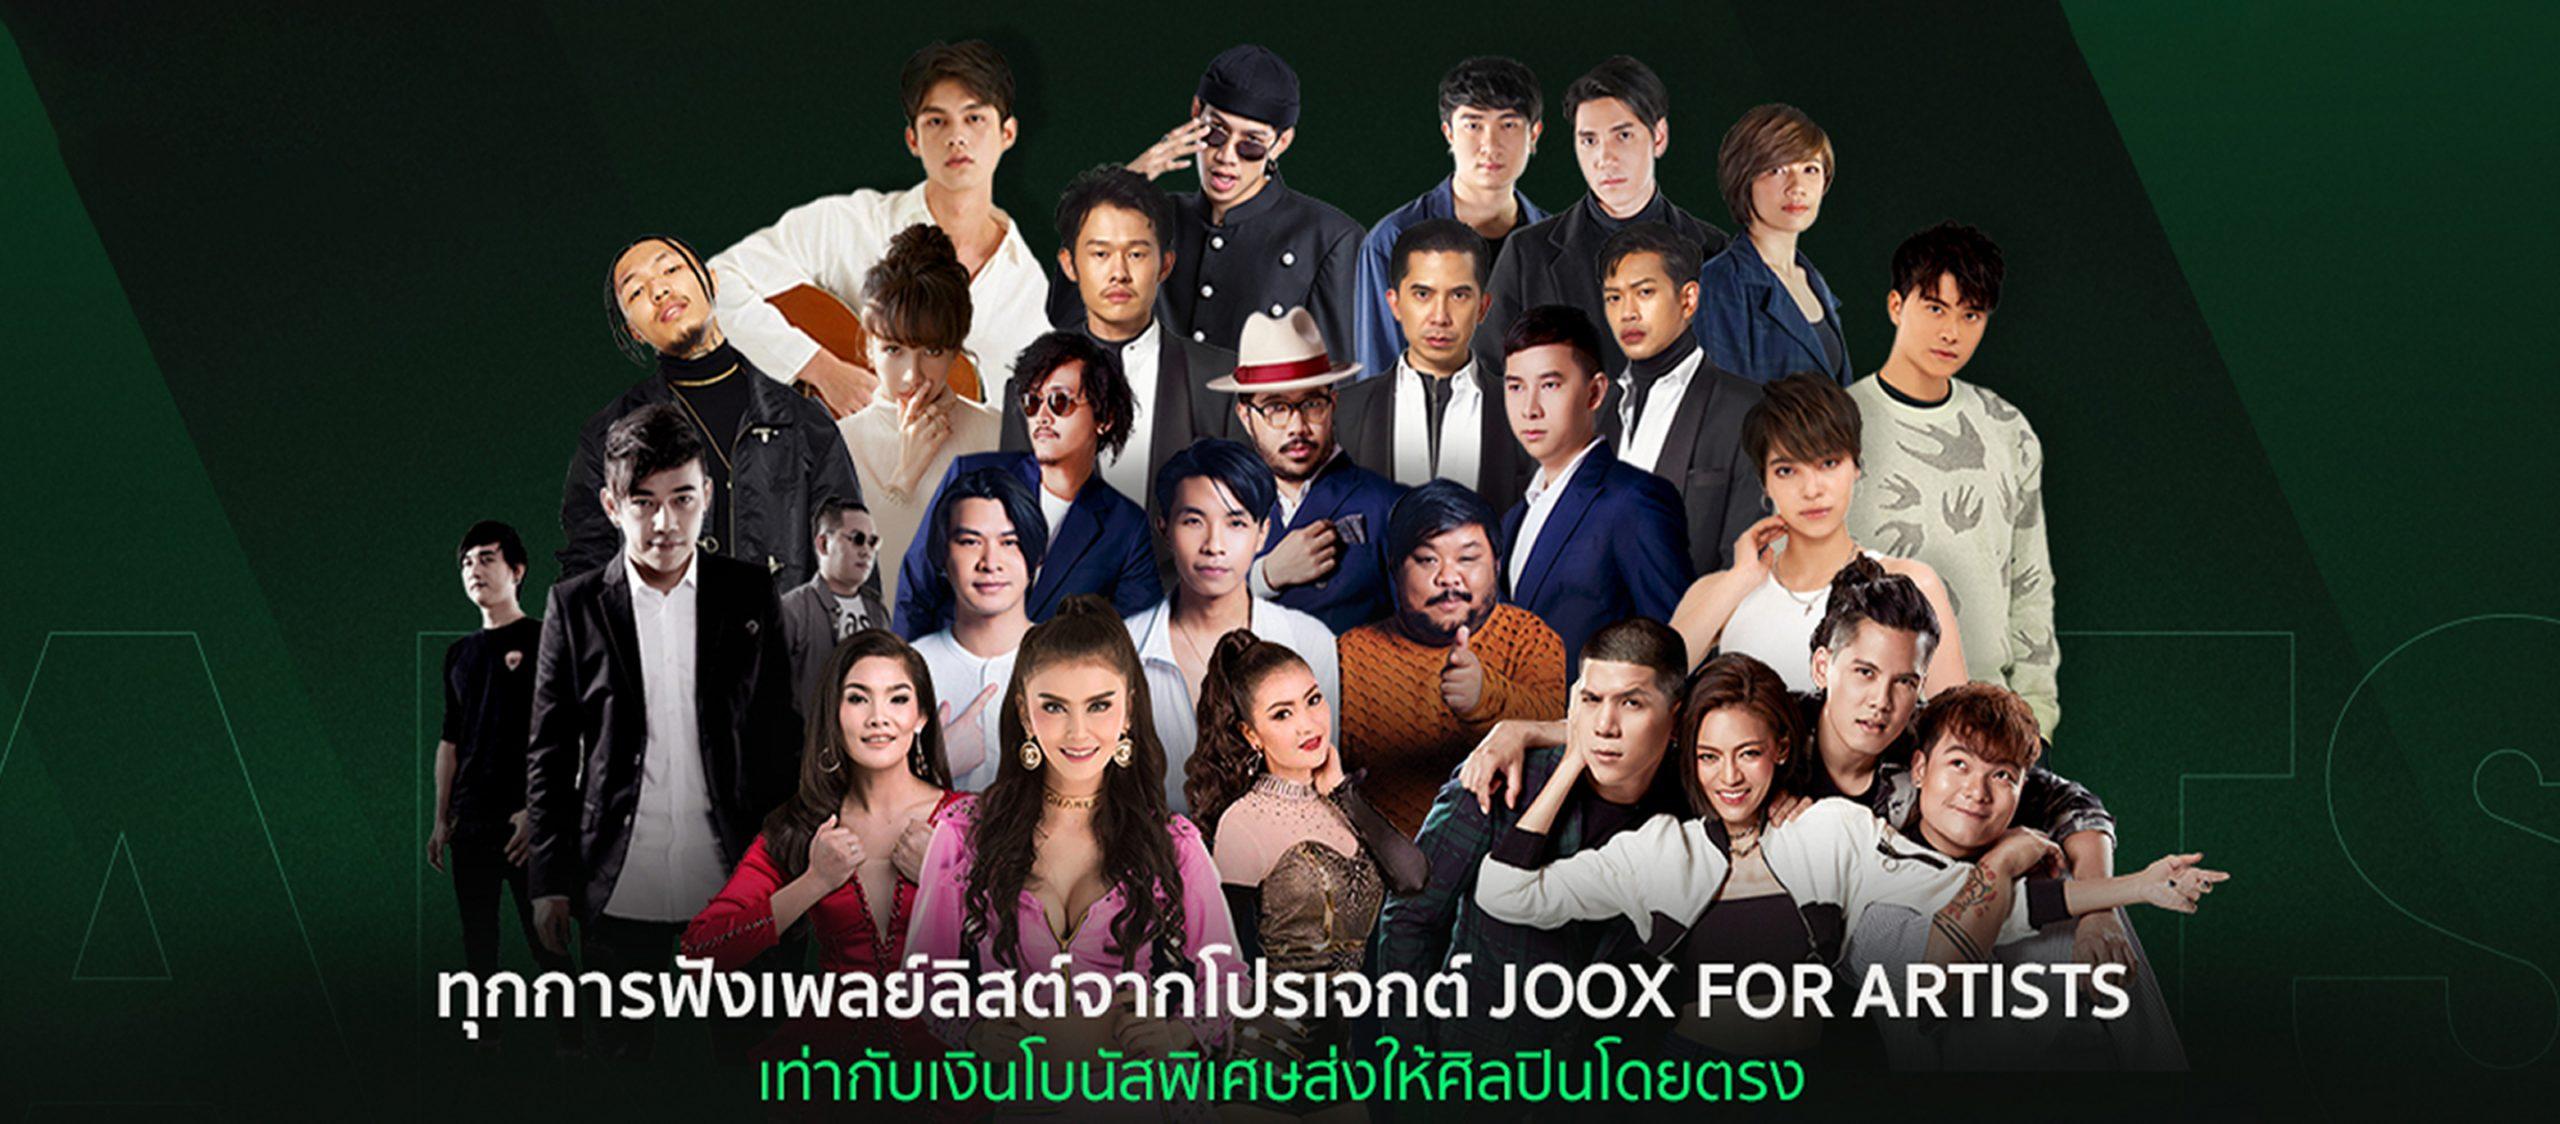 แค่กดฟังศิลปินก็ได้ตังค์แล้ว Joox for Artists แคมเปญที่ชวนคนฟังเพลงสนับสนุนคนทำเพลงในช่วงวิกฤต